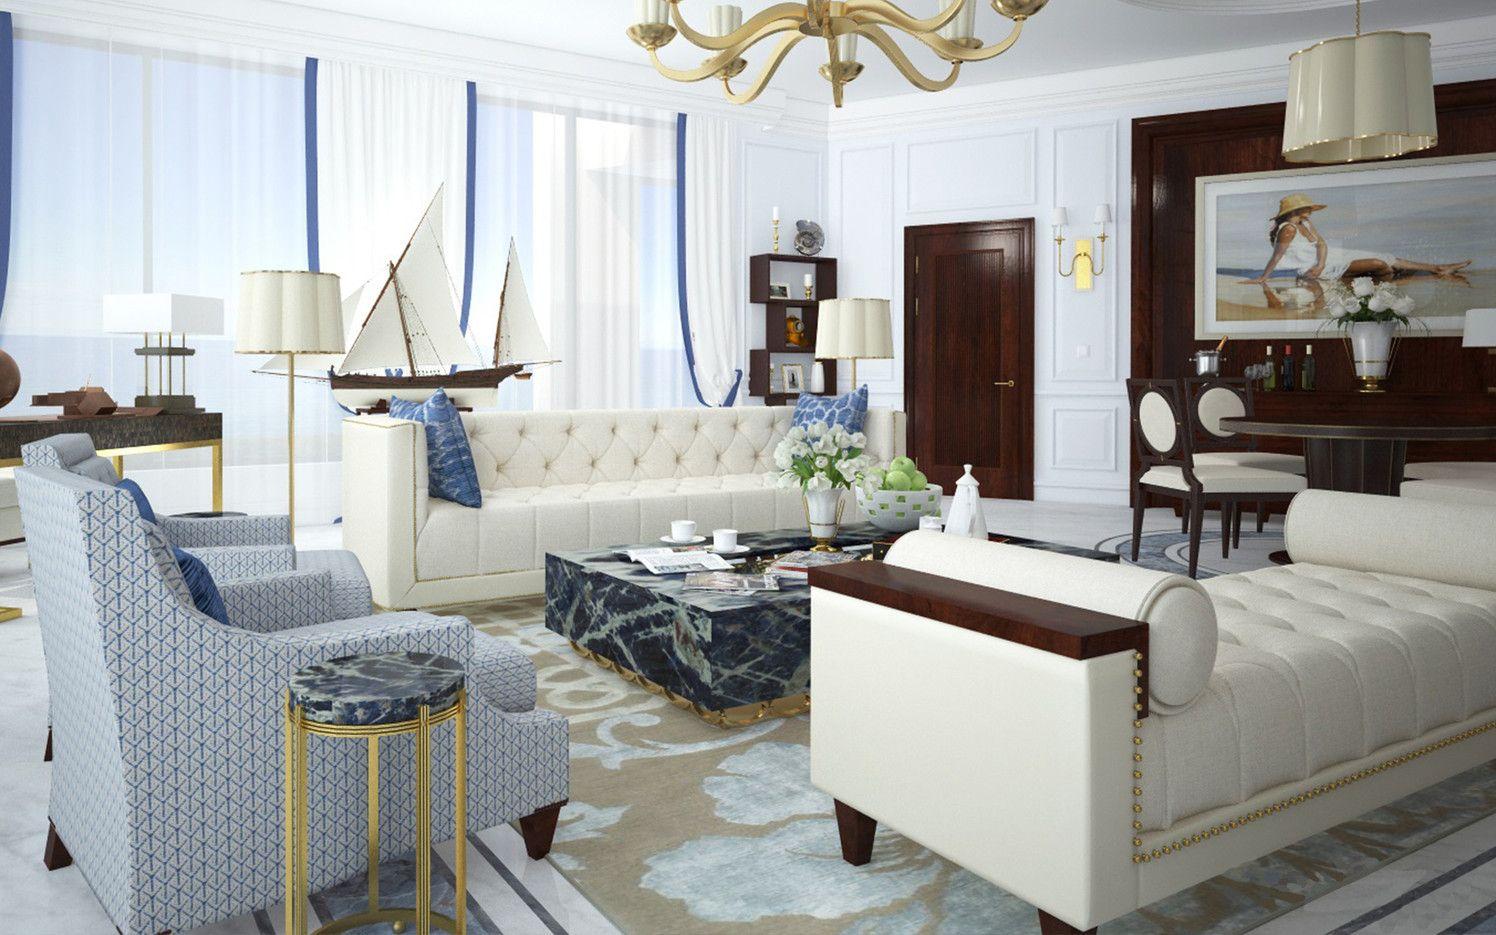 Circuito Grecia : Pomegranate spa hotel 5* grecia . con spa de 1.600 m2. sauna kneipp